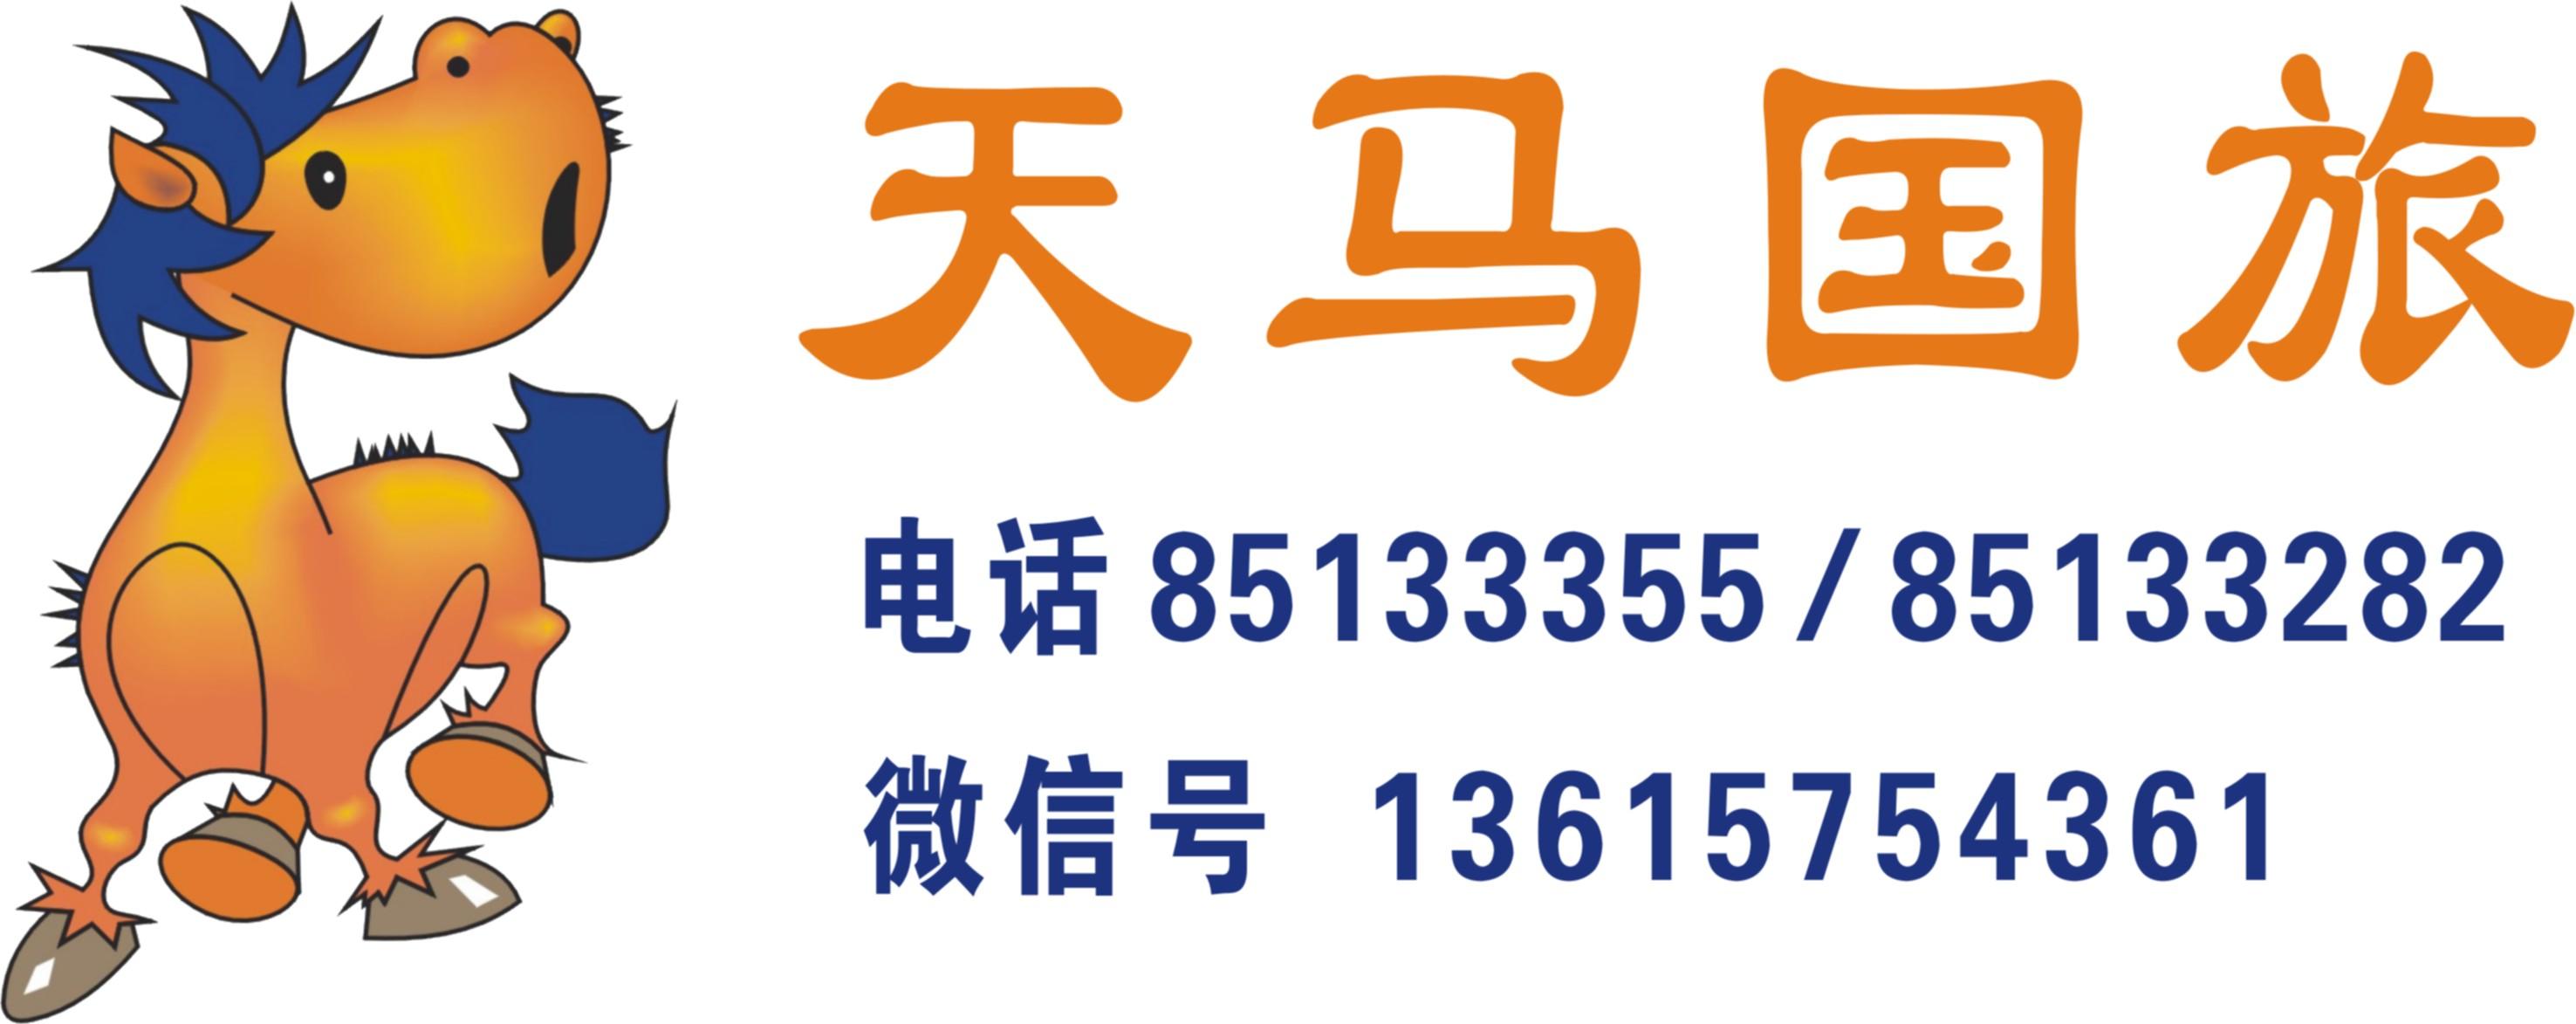 12月【厦门双动三日自由行】时代雅居酒店/如是一号主题酒店